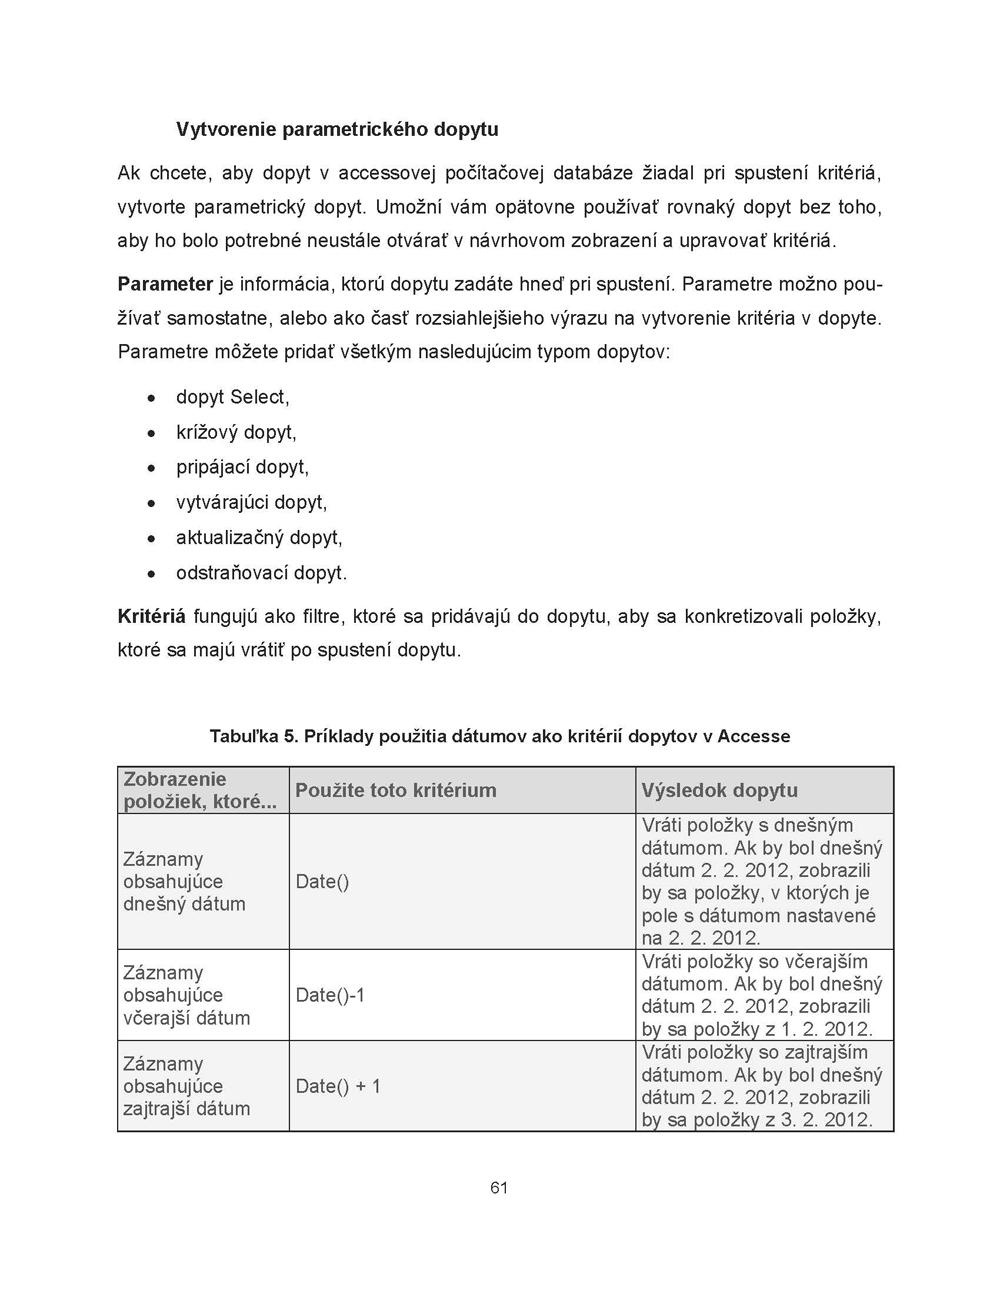 Databázové a tabuľkové systémy na vyhodnocovanie dát 3